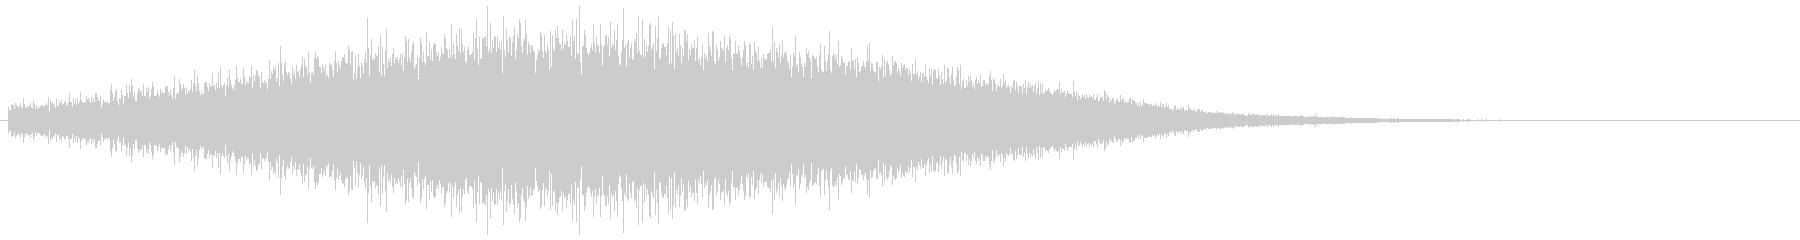 ノイズフィルター 上昇(インパクト音)の未再生の波形